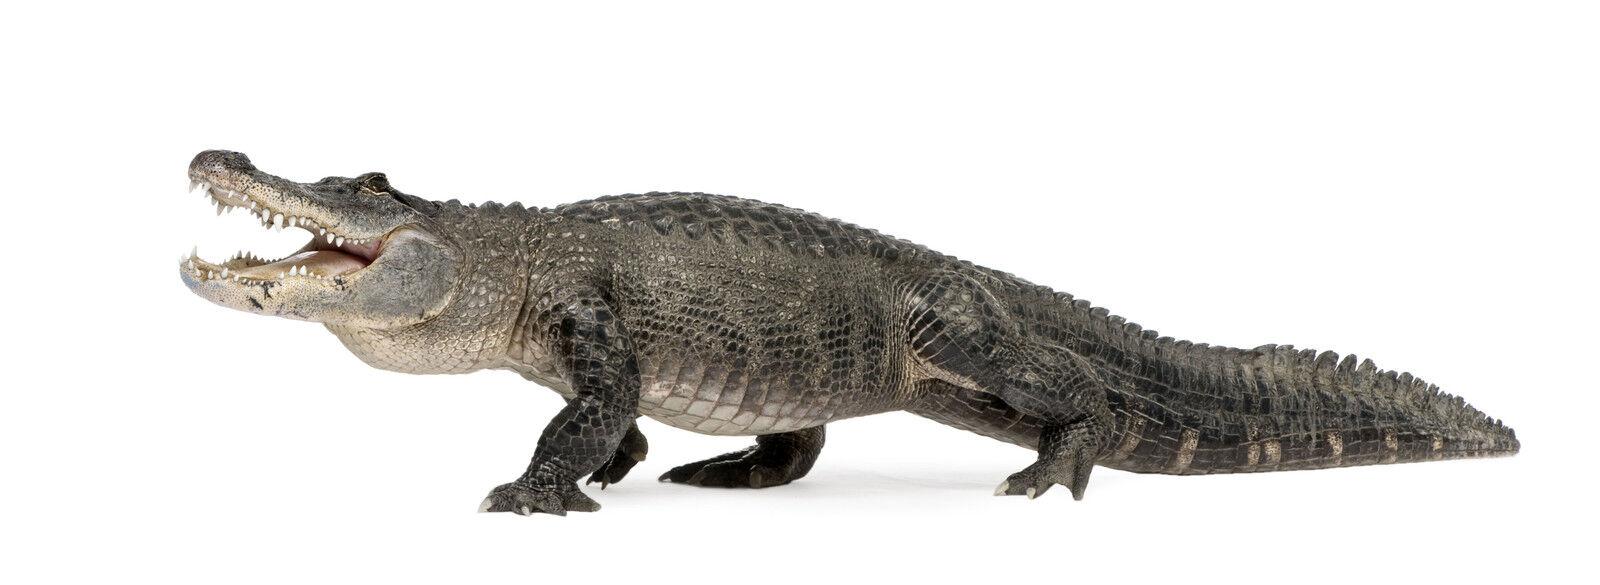 Alligator Kings